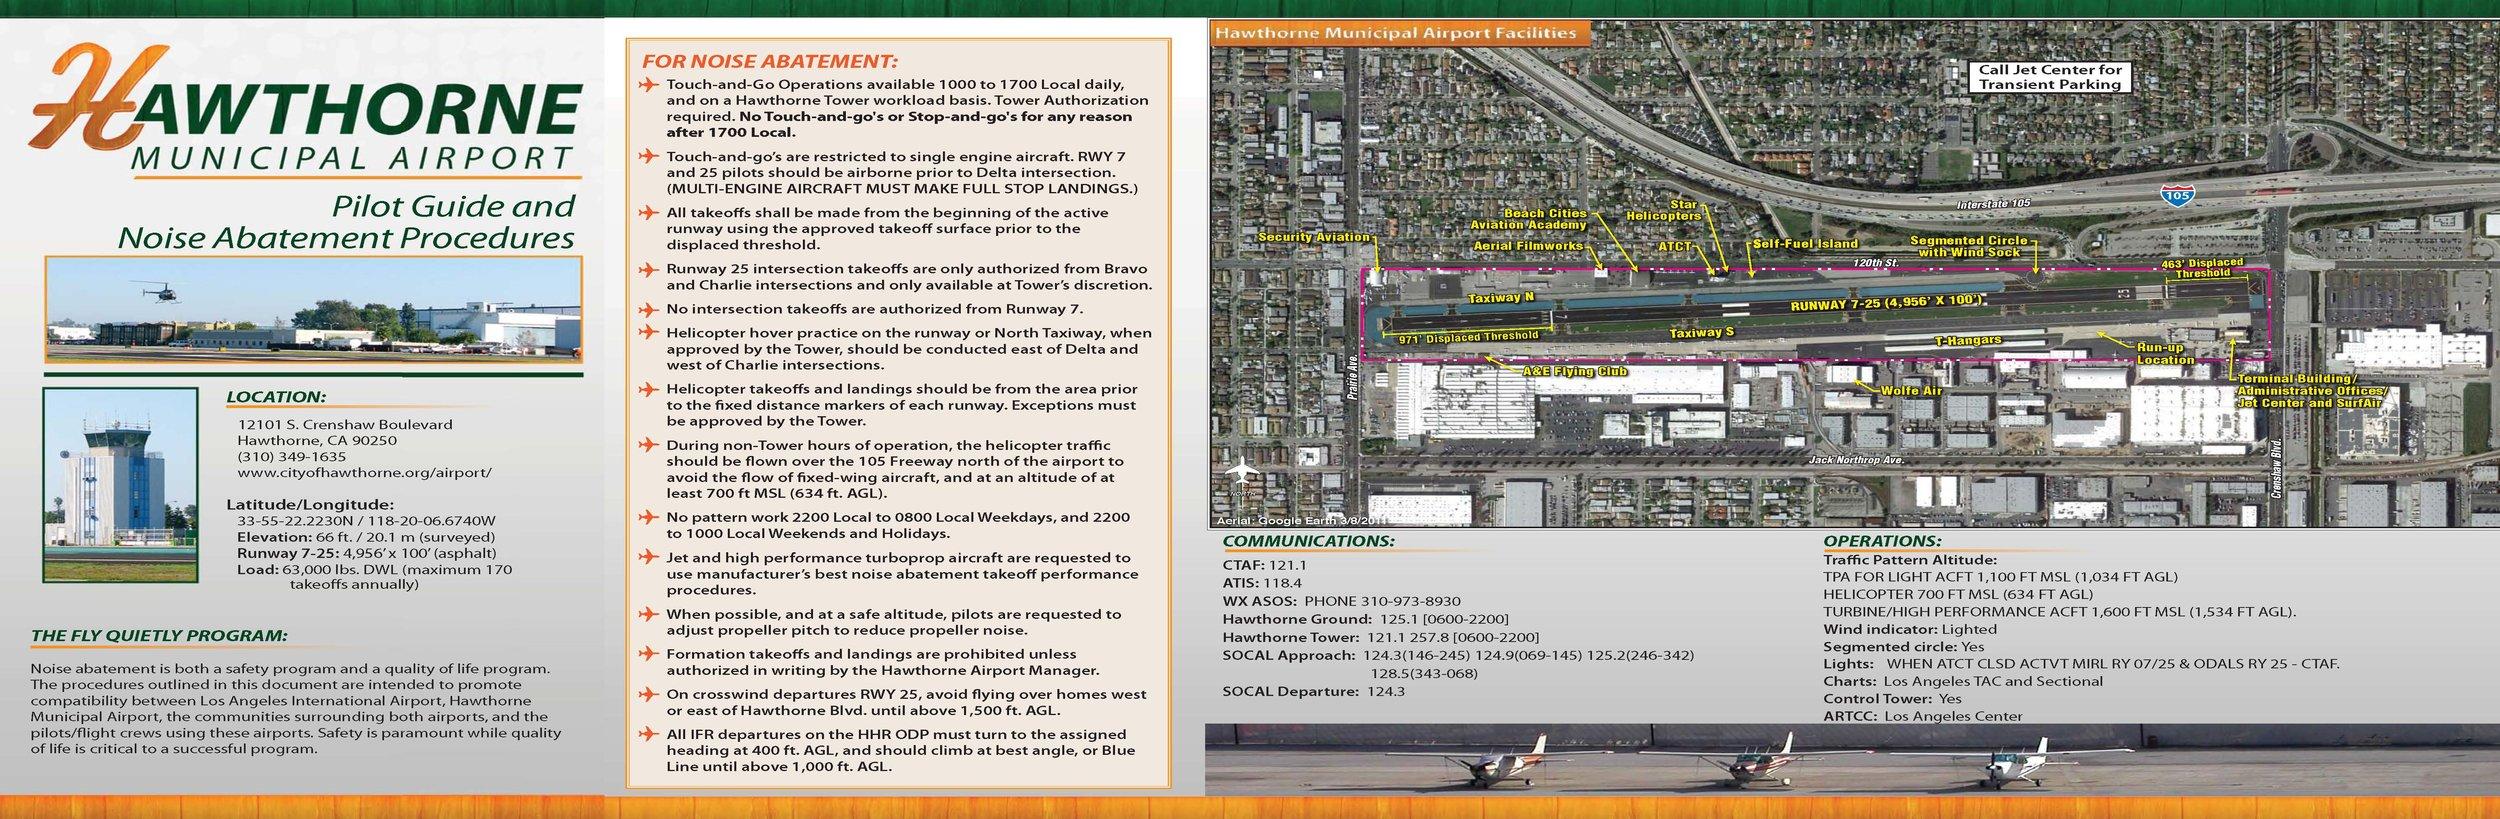 Airport Noise Abatement Procedure pg 1